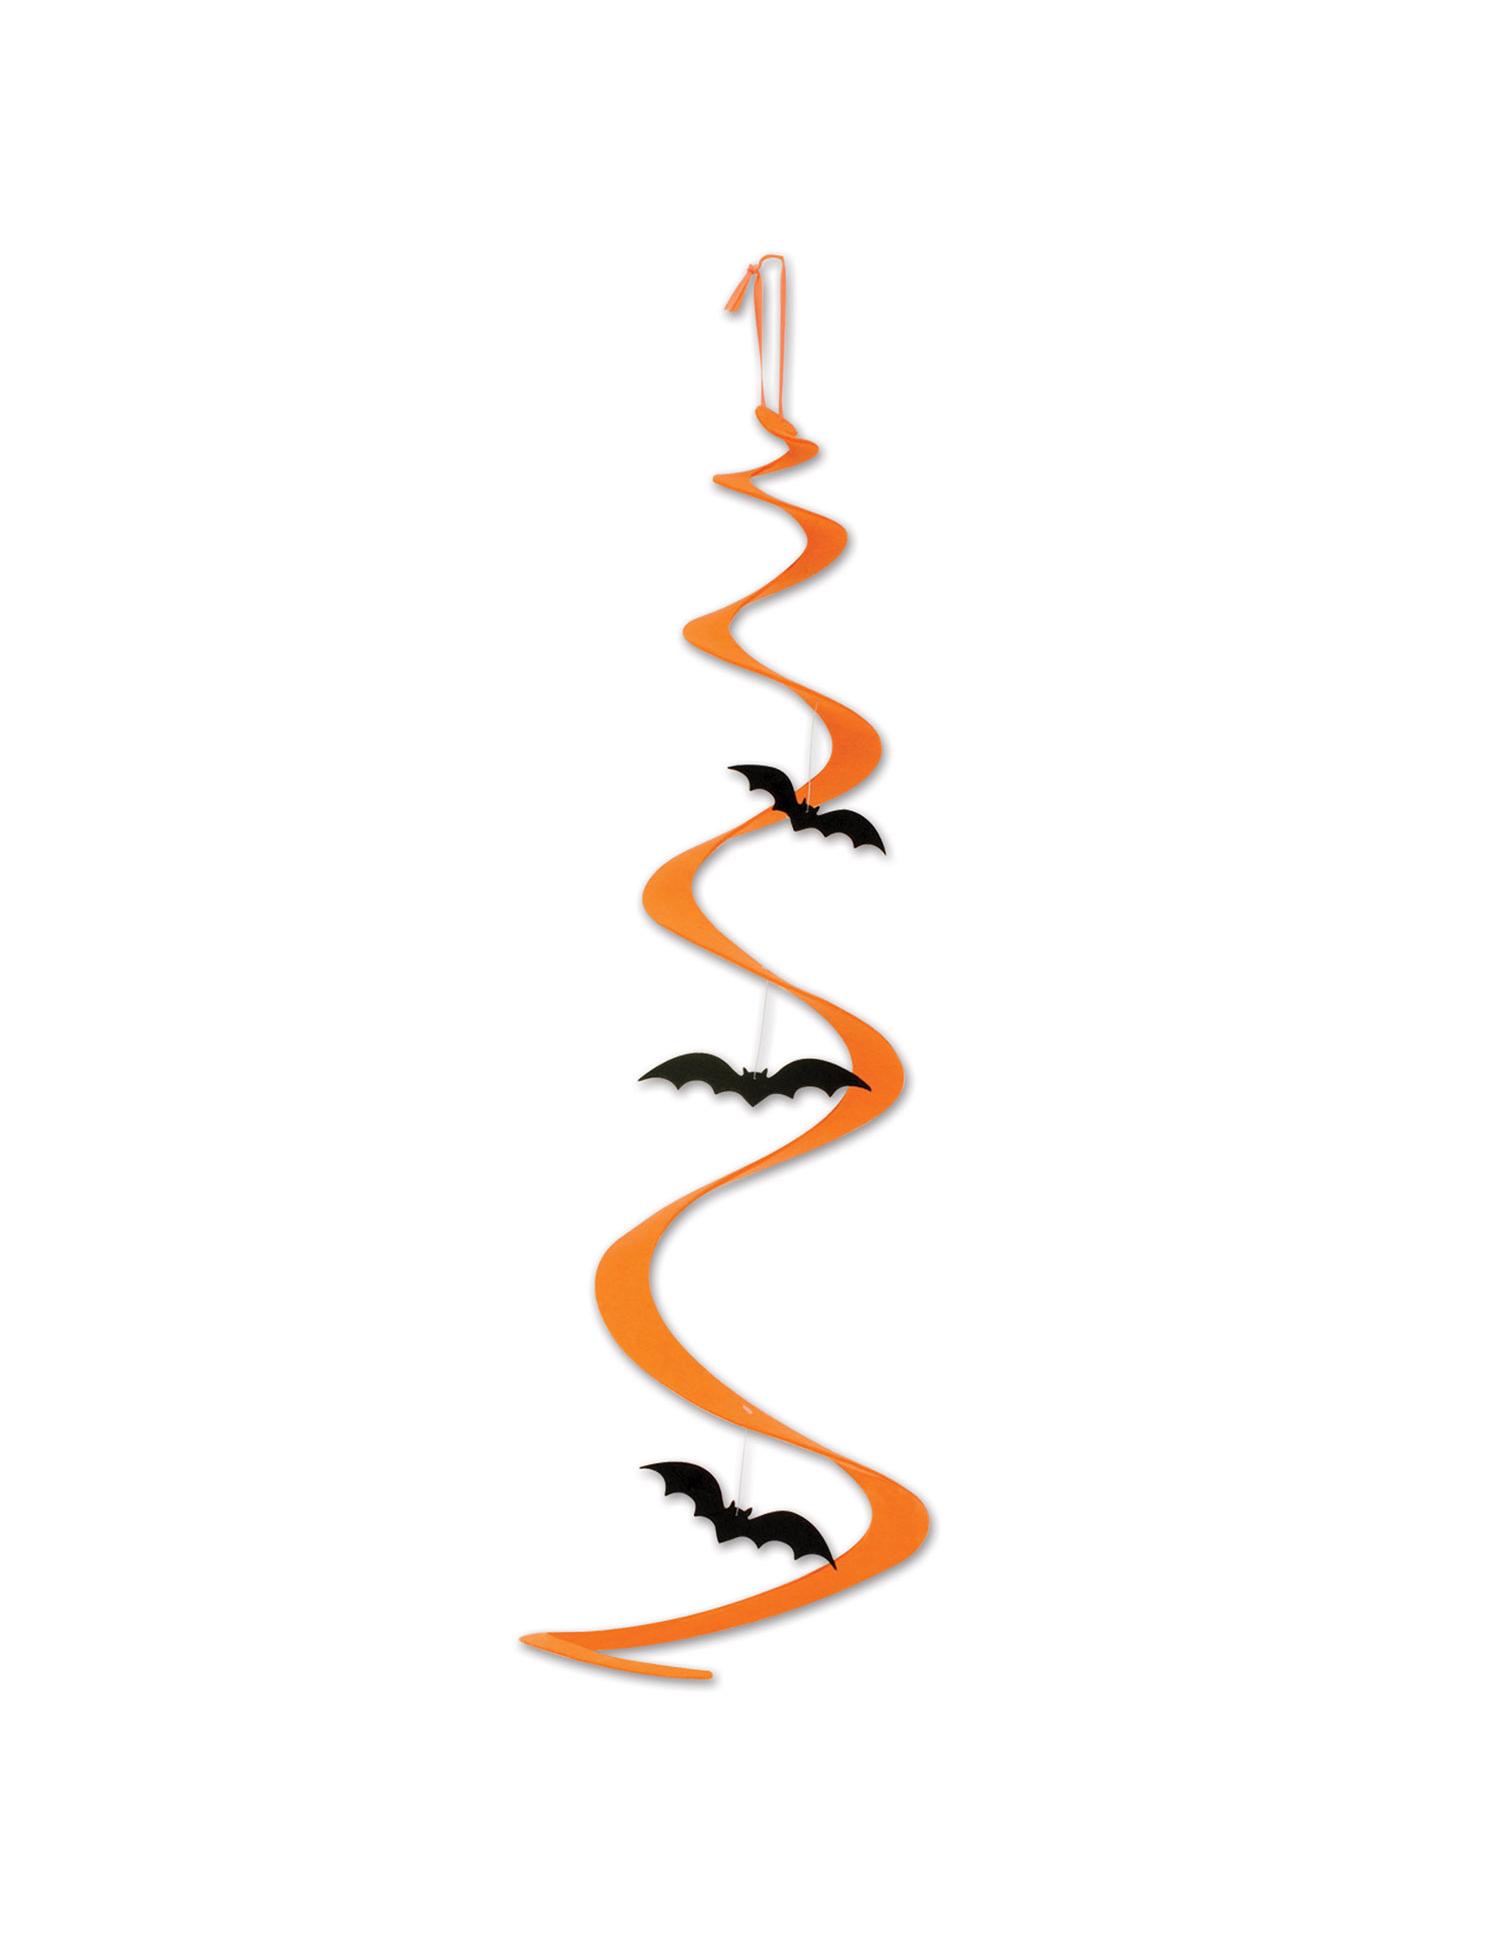 D coration spirale suspendre chauve souris halloween for Decoration a suspendre